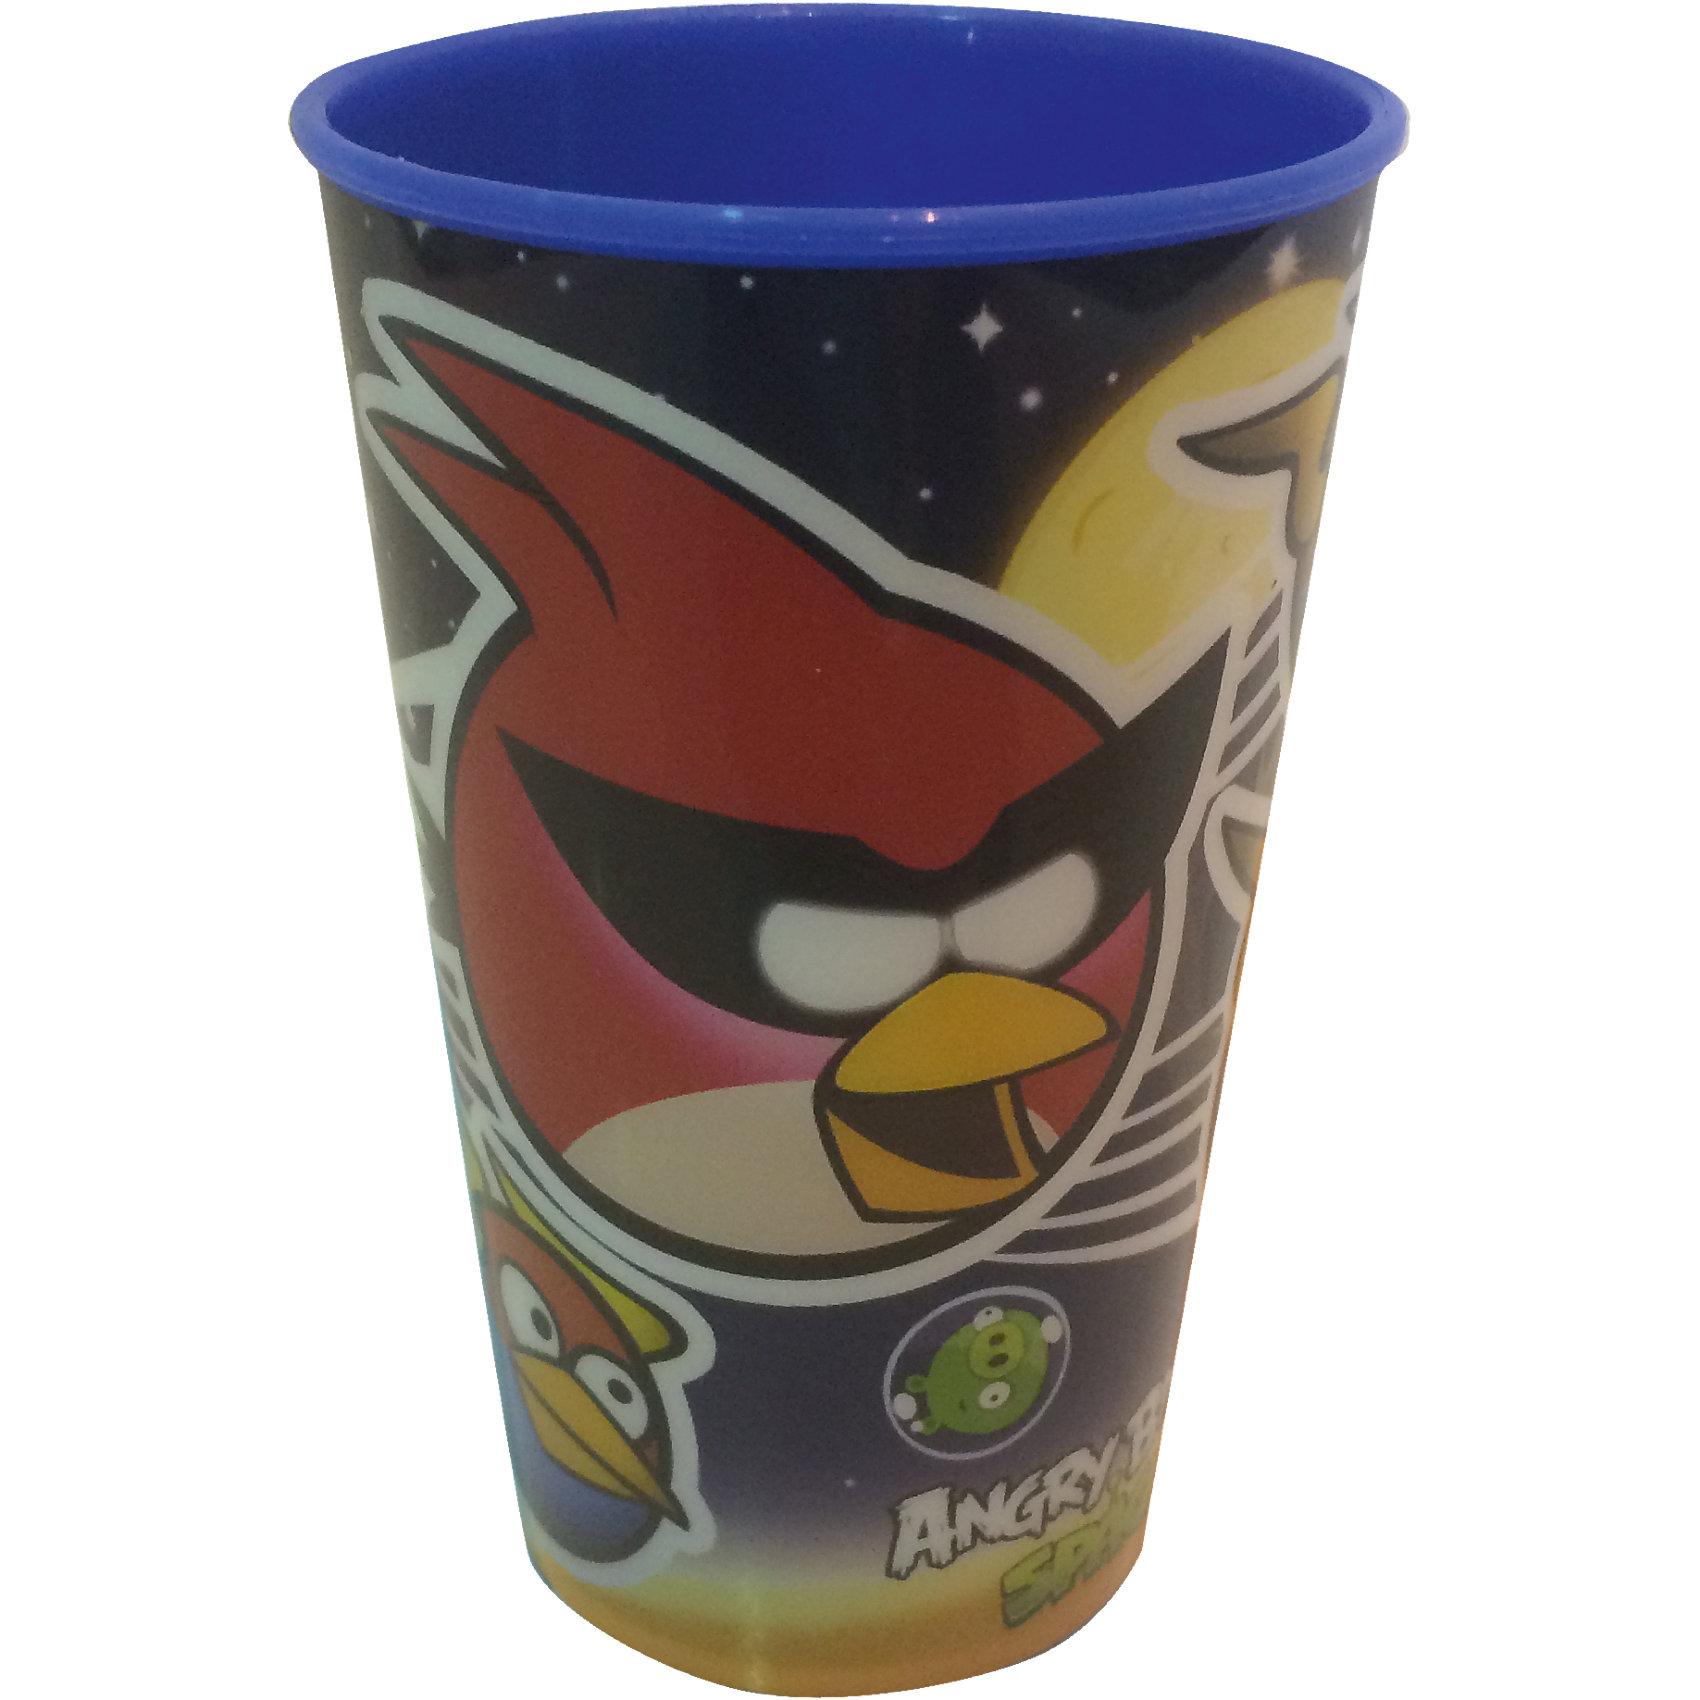 Синий стакан Космос, Angry BirdsОригинальный детский стакан Космос, Angry Birds, станет приятным сюрпризом для Вашего ребенка и отлично подойдет для повседневного использования. Стакан выполнен в ярком красочном дизайне в стиле популярной компьютерной игры Энгри Бердс и украшен изображениями знакомых персонажей - забавных птичек. Материал представляет собой качественный пищевой пластик, не вызывающий аллергии и безопасный для детского здоровья. <br><br>Дополнительная информация:<br><br>- Материал: пластик.<br>- Объем: 250 мл.<br>- Размер: 9 х 9 х 11 см.<br>- Вес: 50 гр.<br><br>Синий стакан Космос, Angry Birds, можно купить в нашем интернет-магазине.<br><br>Ширина мм: 90<br>Глубина мм: 90<br>Высота мм: 110<br>Вес г: 50<br>Возраст от месяцев: 36<br>Возраст до месяцев: 192<br>Пол: Унисекс<br>Возраст: Детский<br>SKU: 4093874